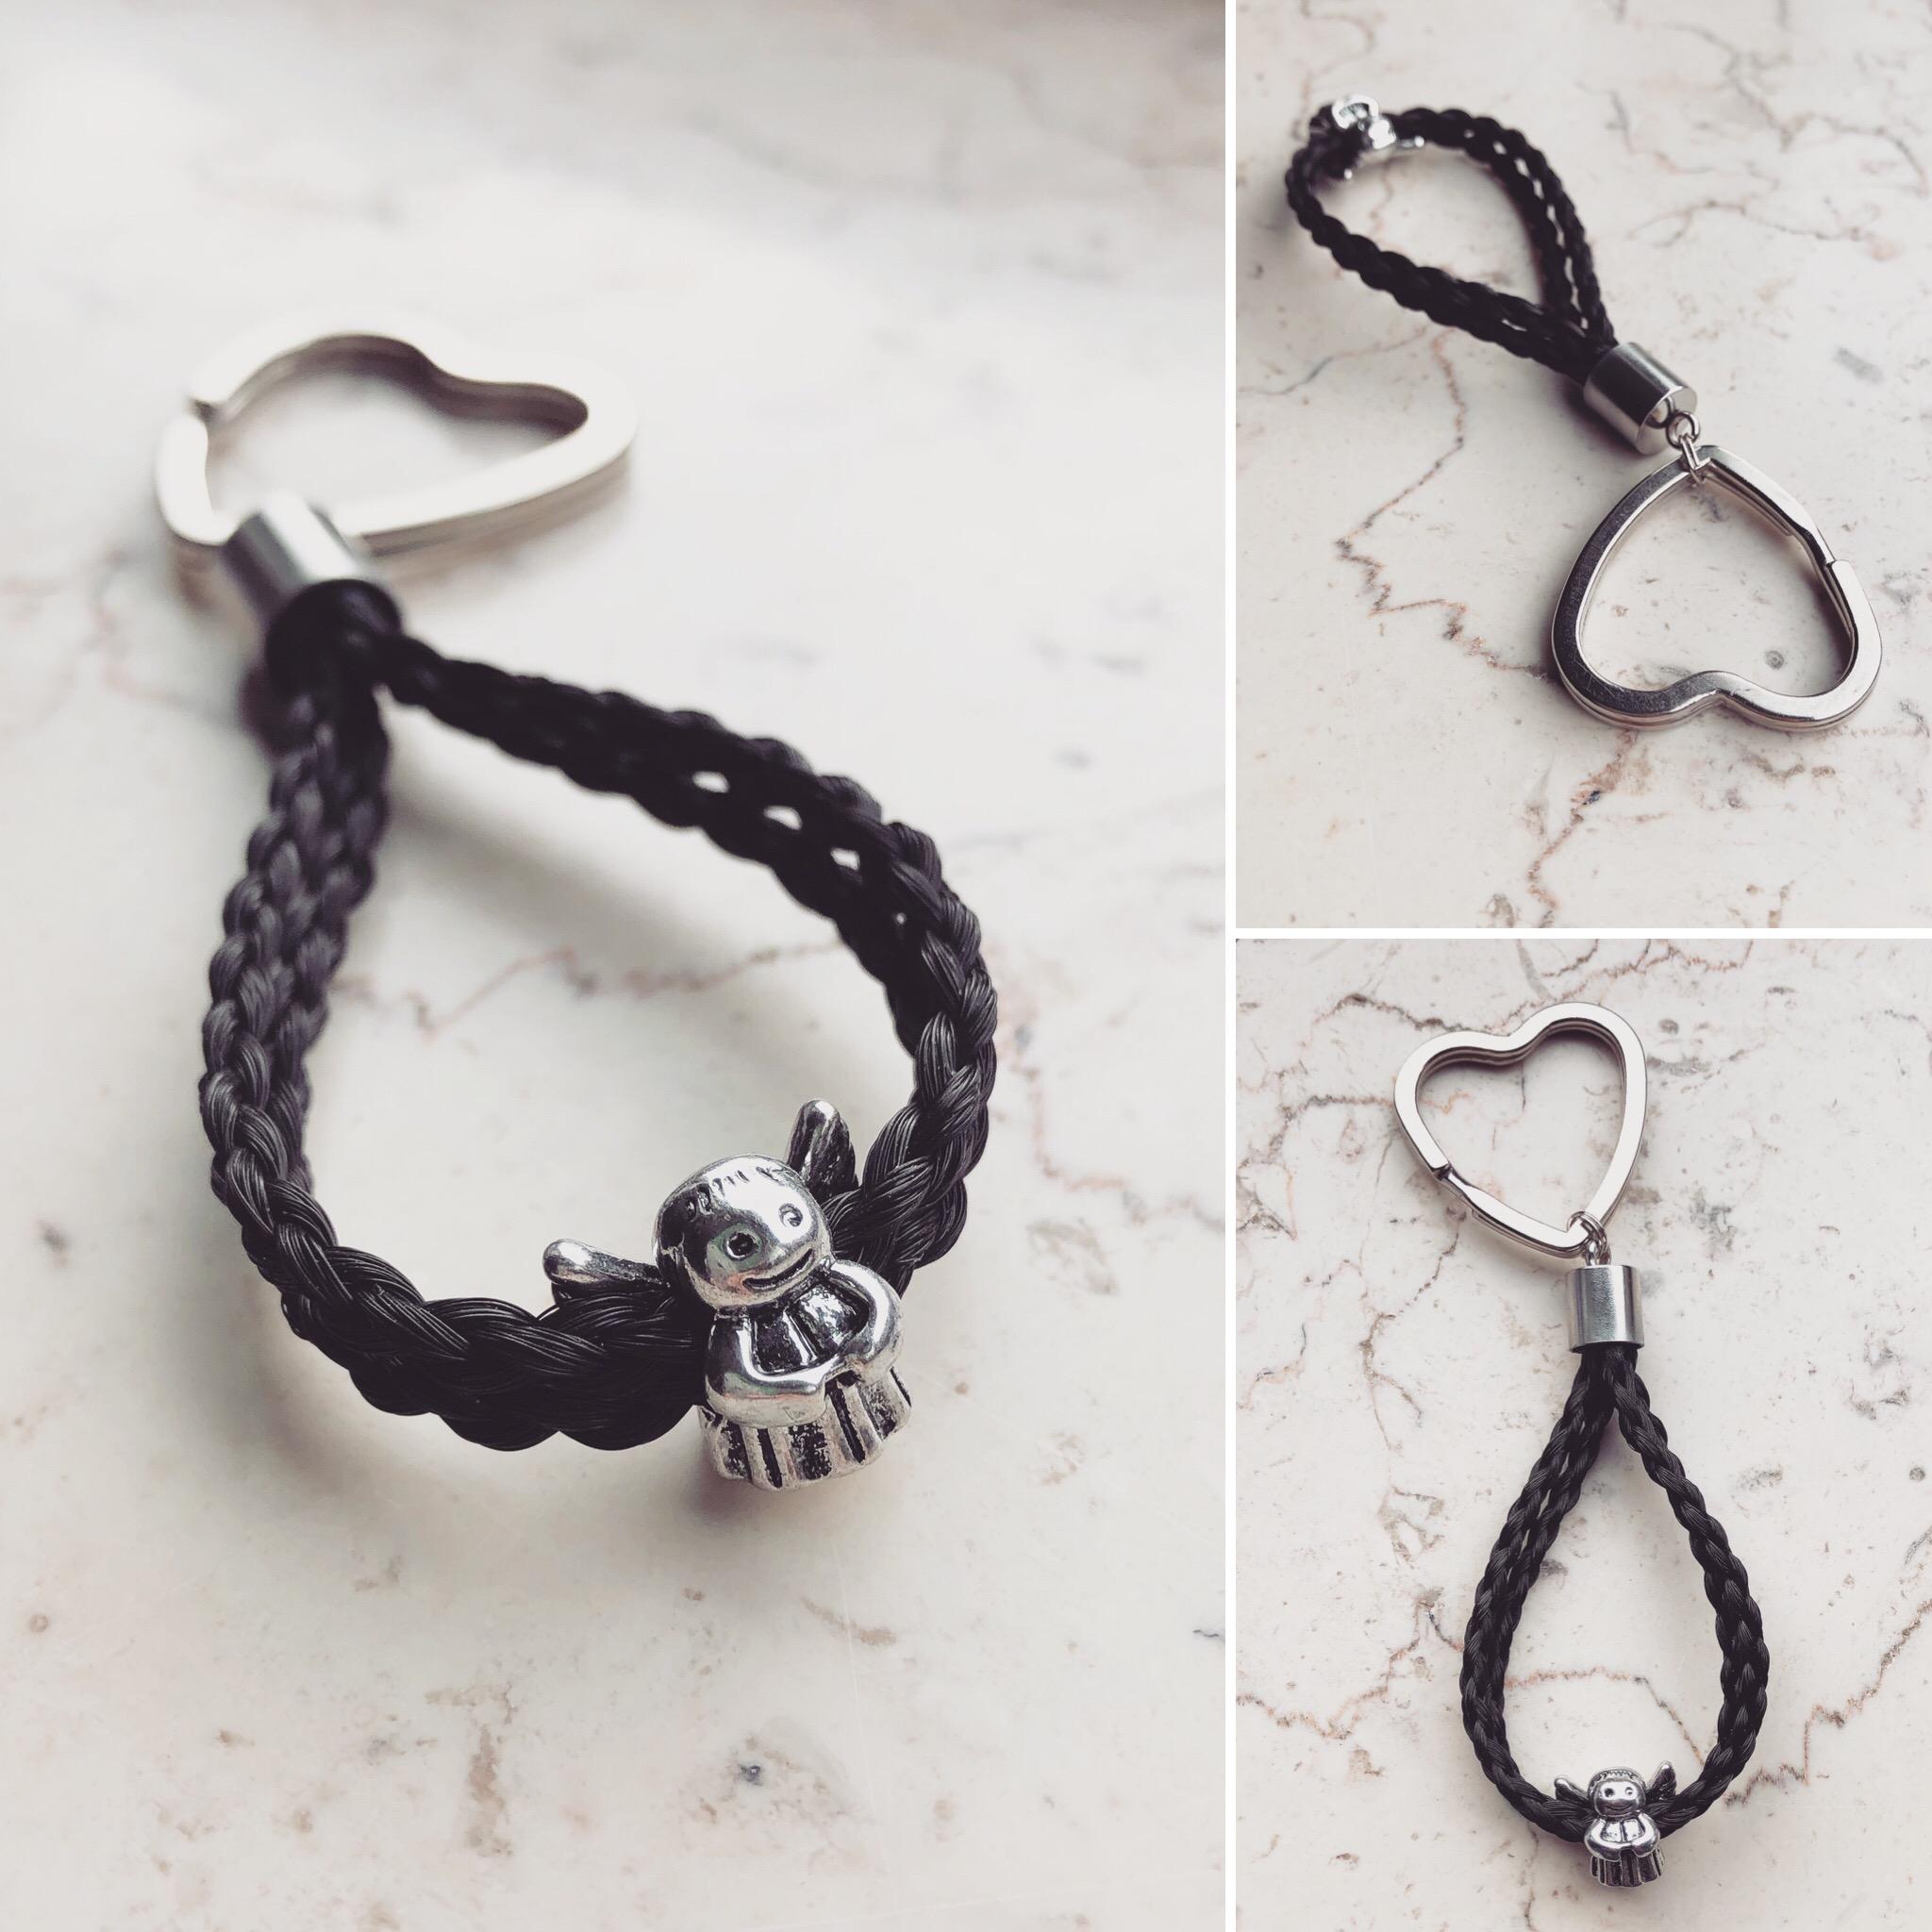 Doppelschlüsselanhänger, 4-fach rund geflochten mit Schutzengel versilbert und Herz Schlüsselring.